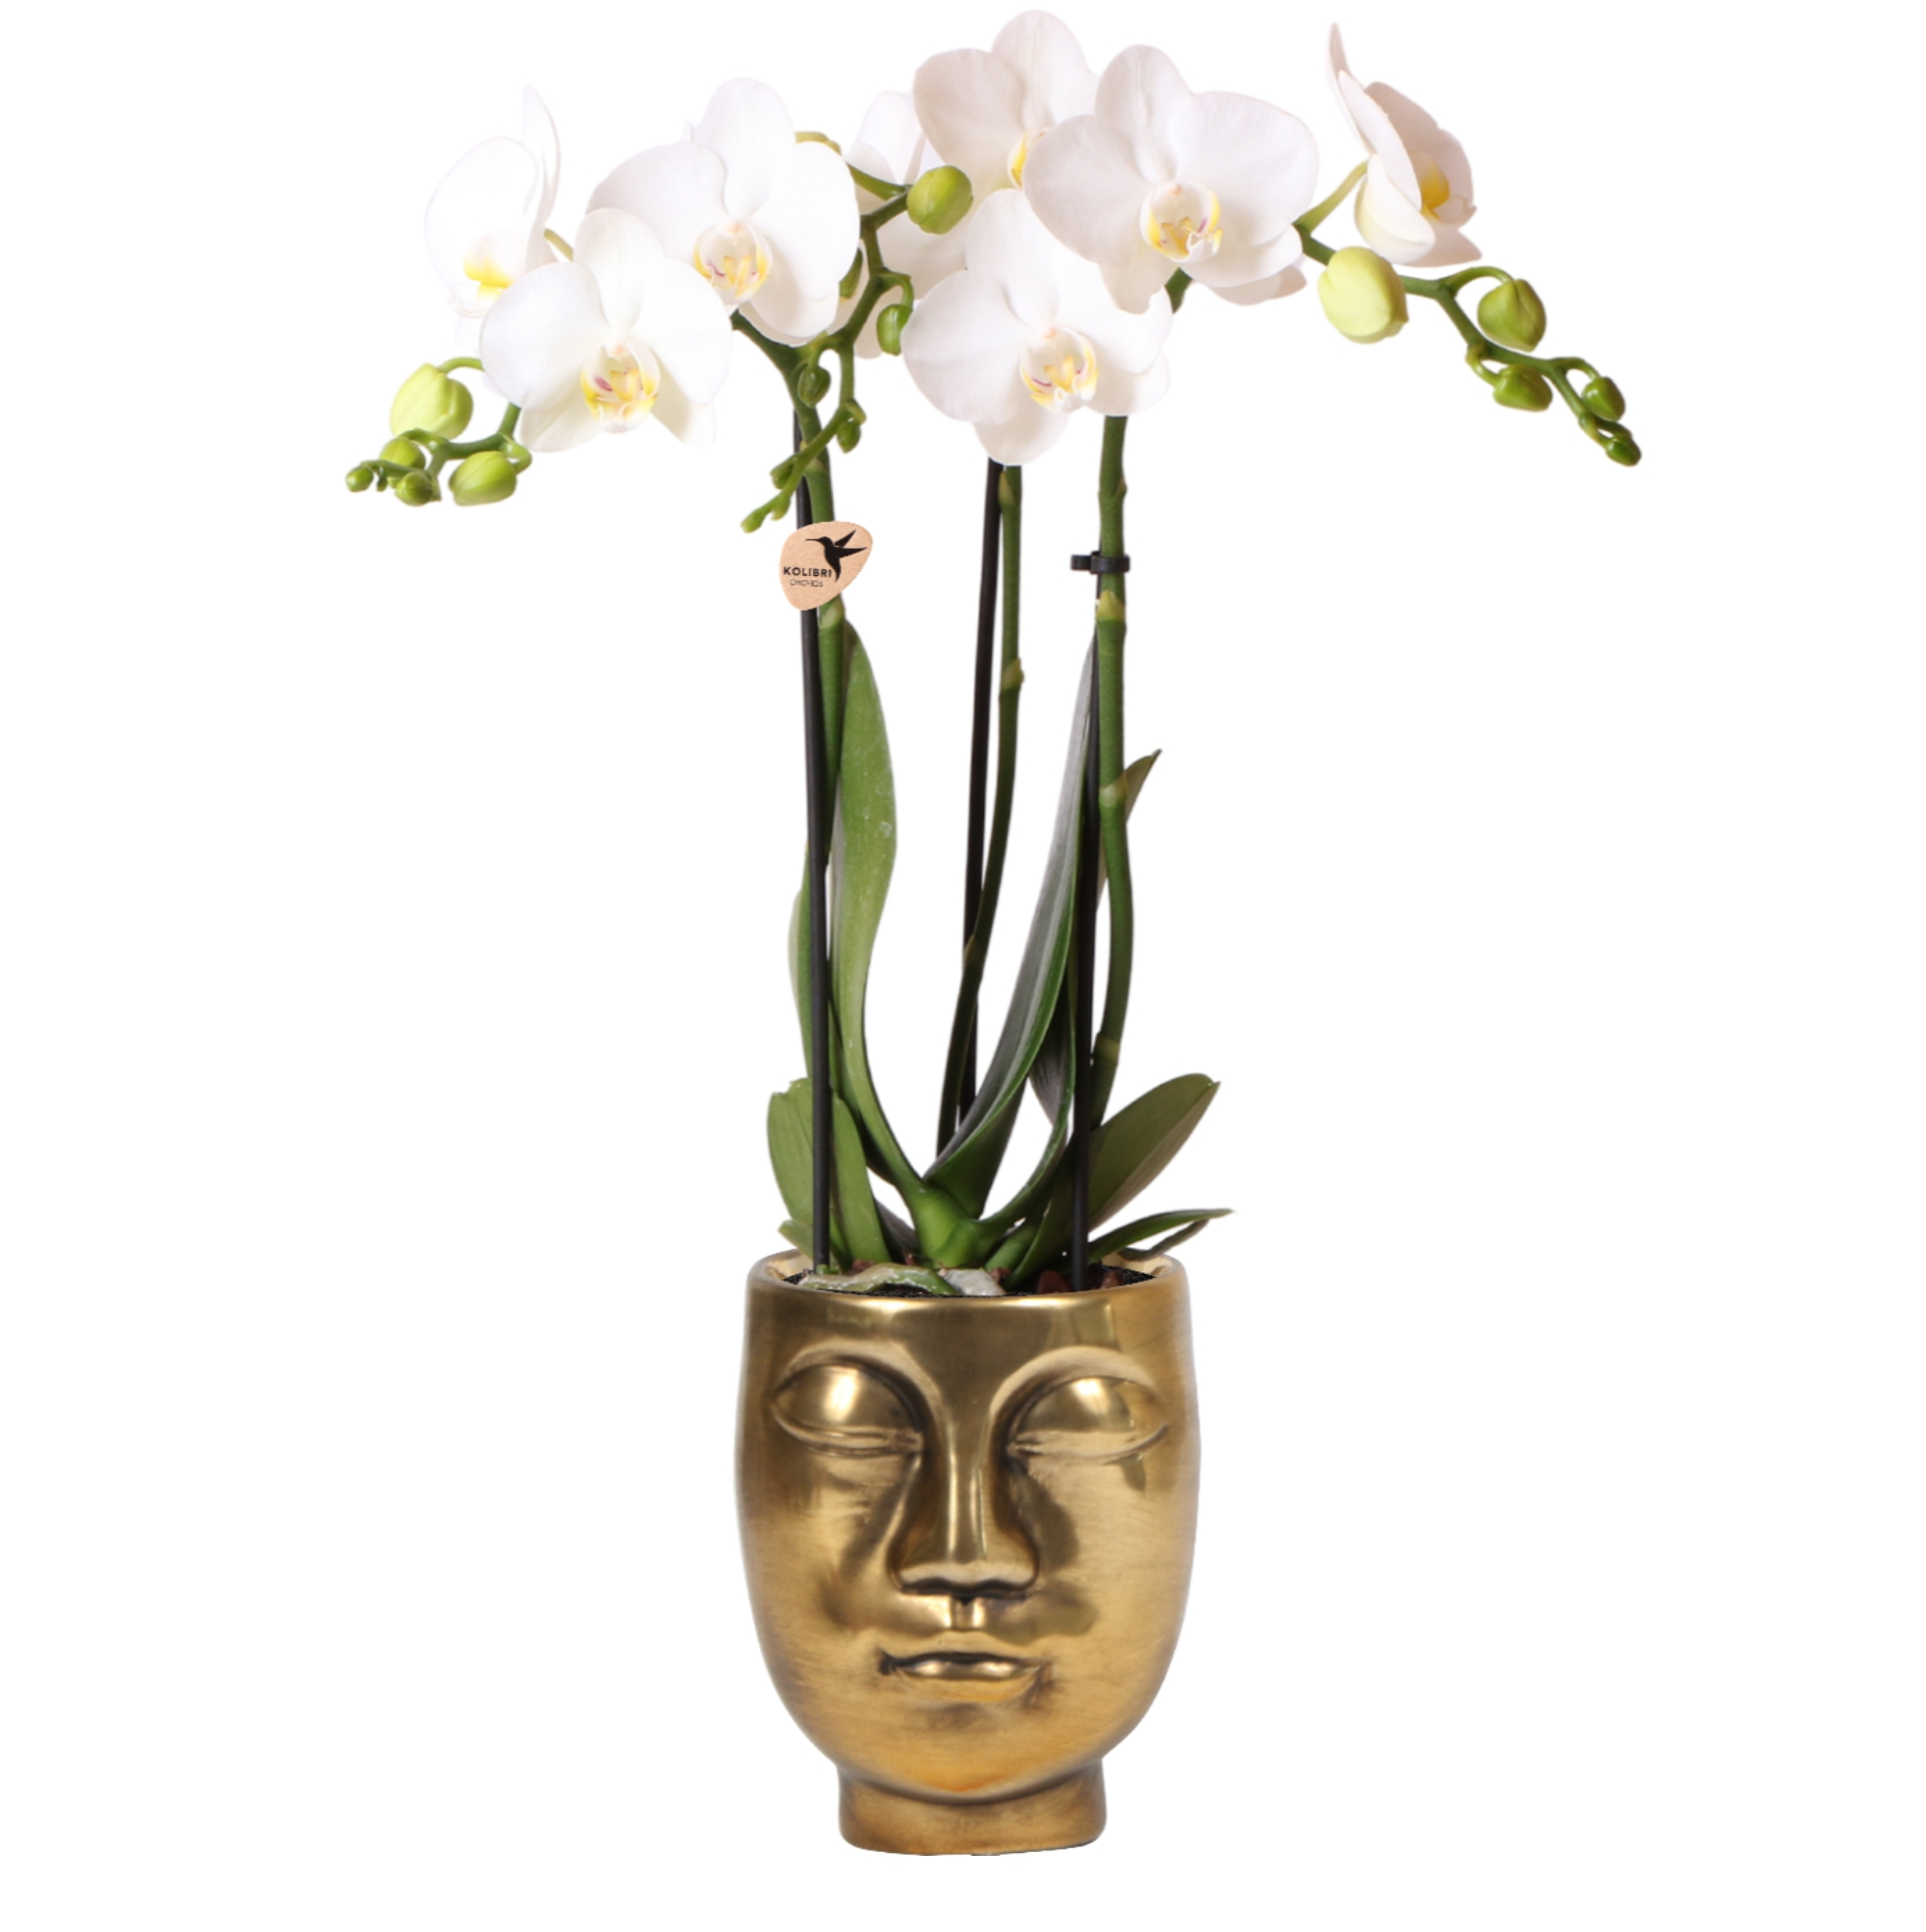 planten set plantenset kolibri orchids white in face to face pot gold 9cm